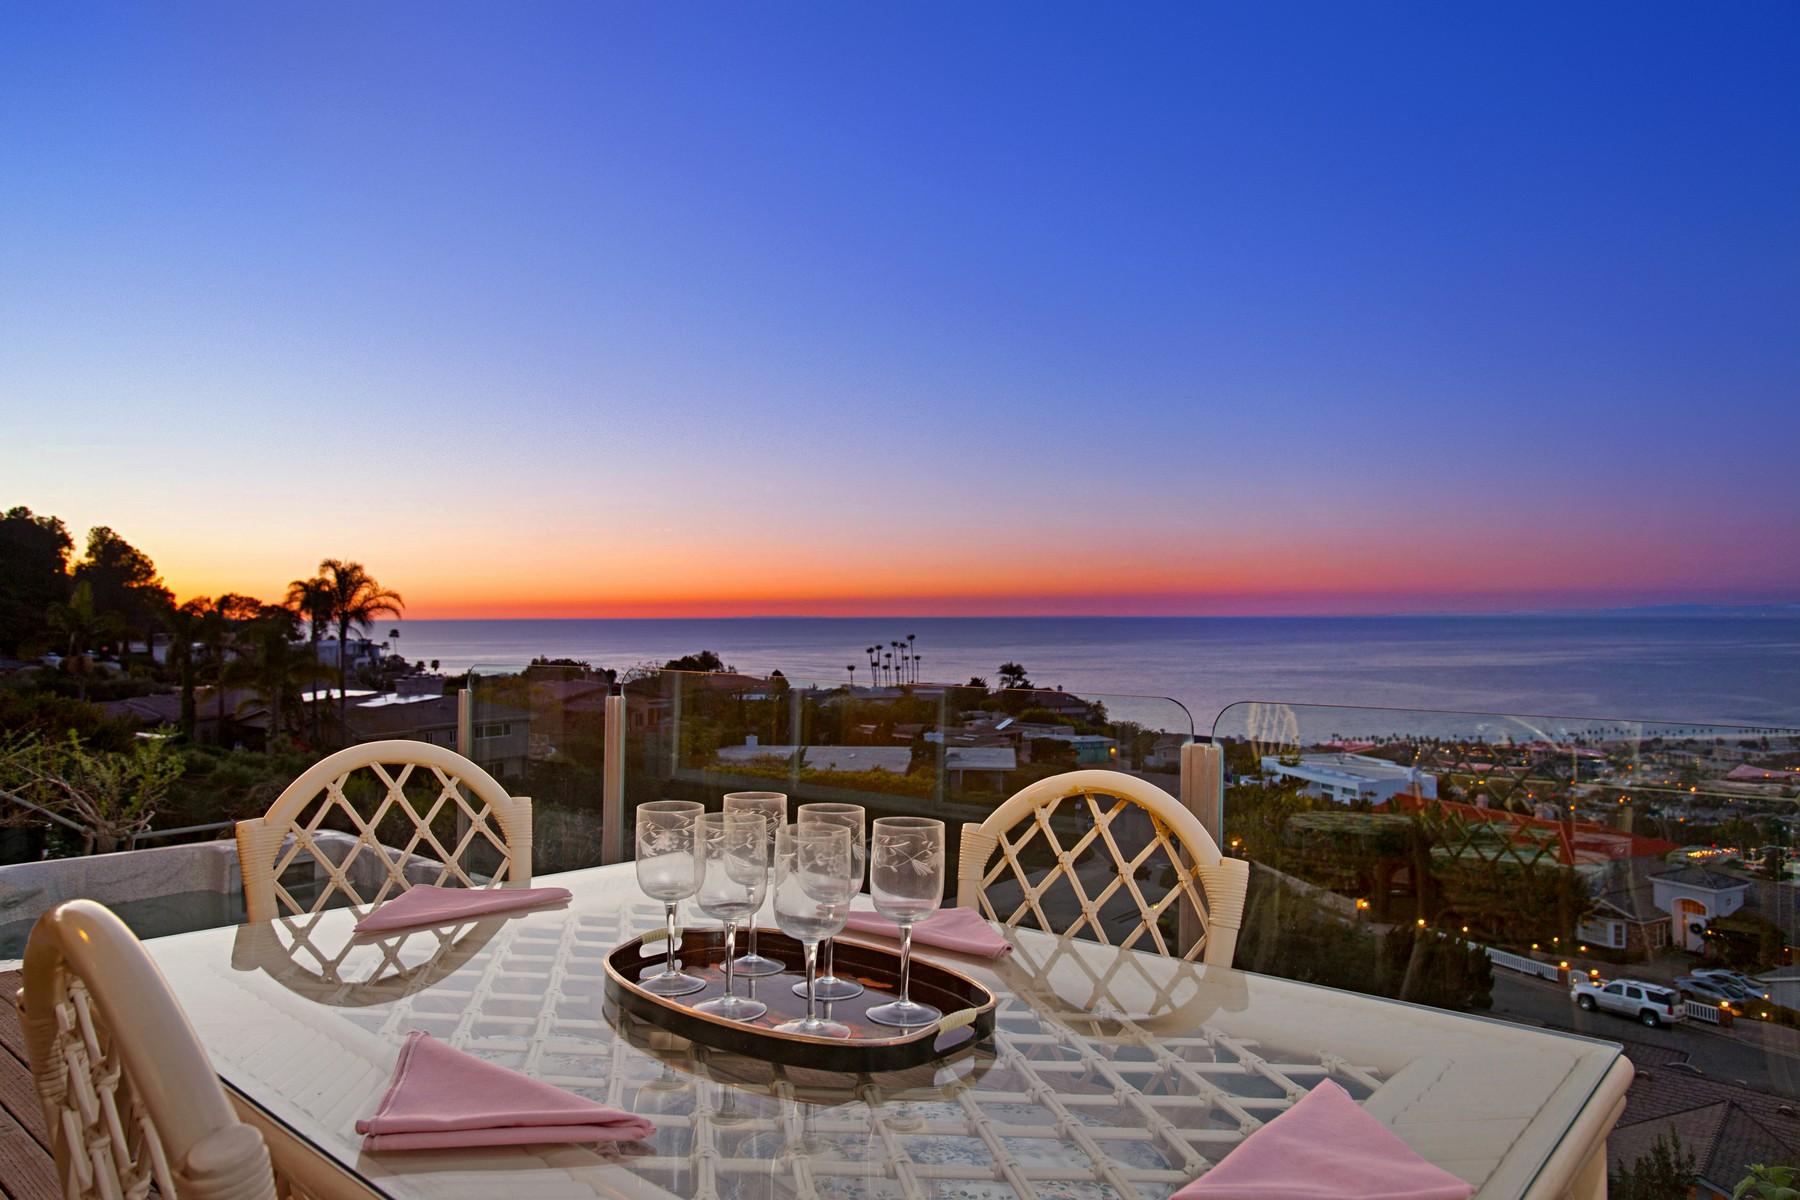 独户住宅 为 销售 在 7351 Rue Michael 拉荷亚, 加利福尼亚州, 92037 美国